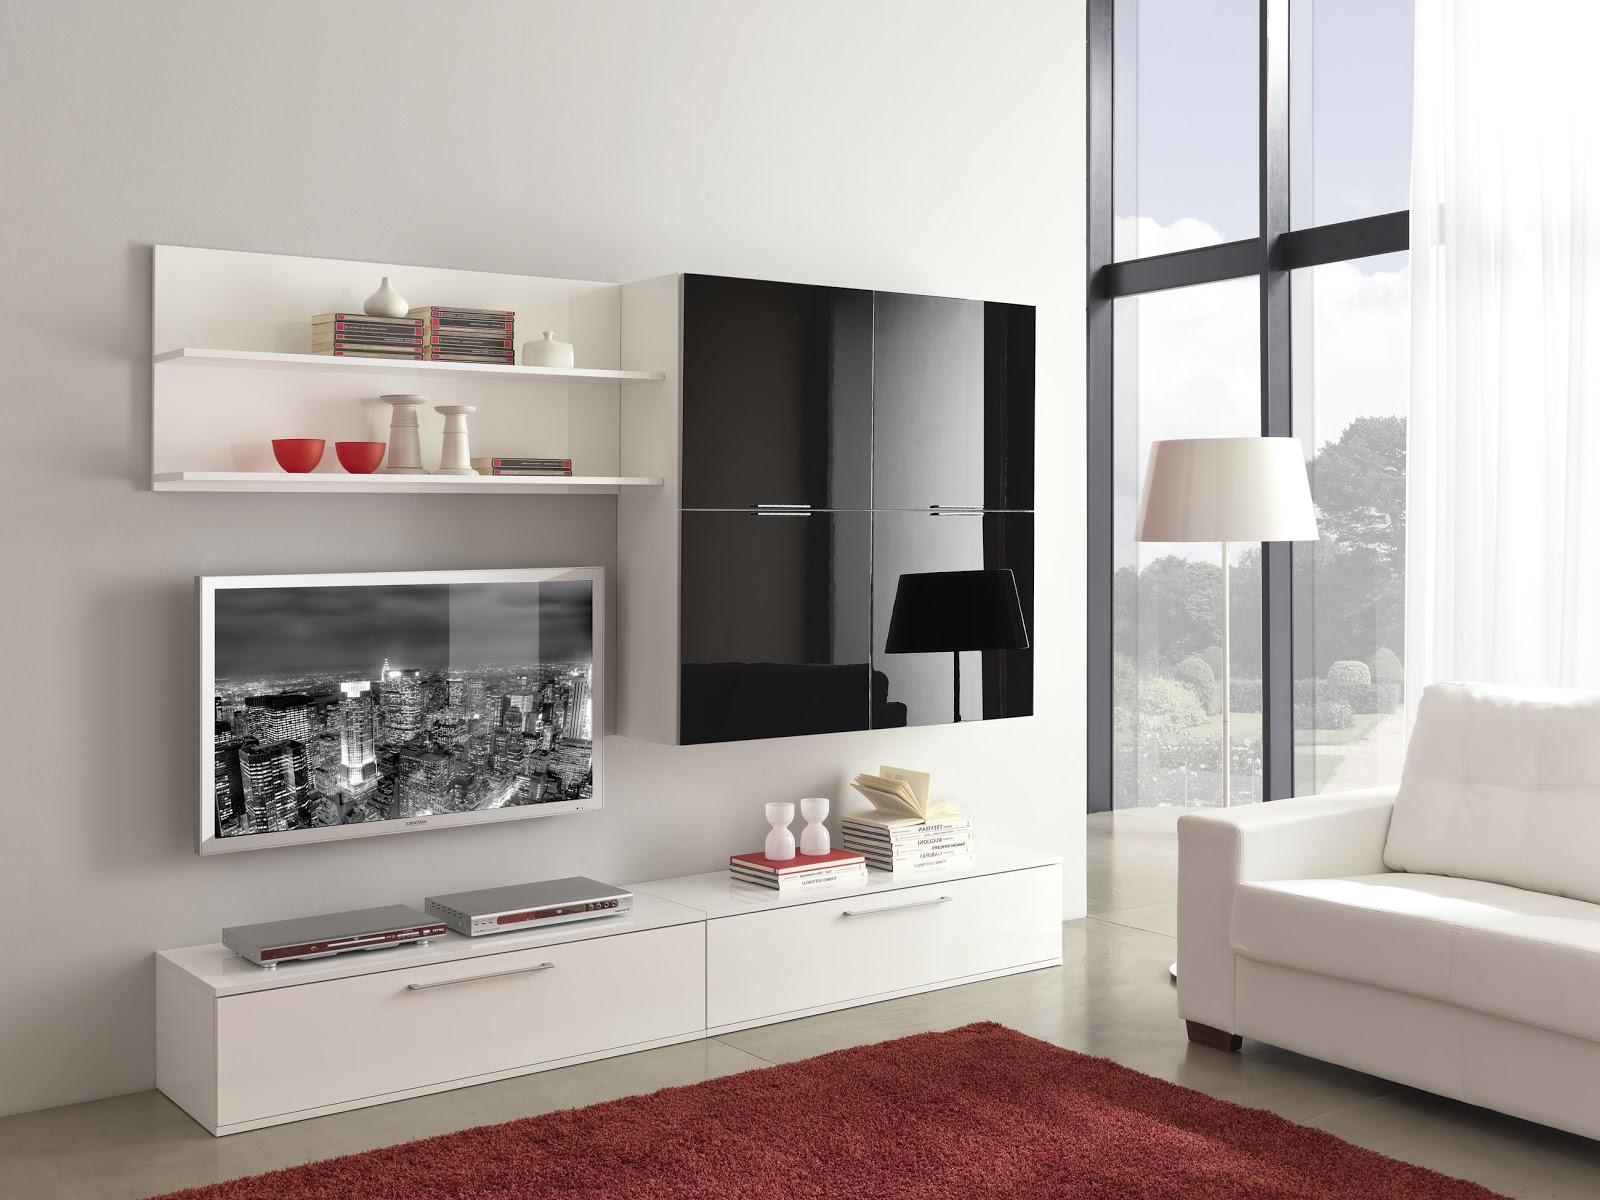 Idee arredamento casa moderno for Arredamento moderno casa